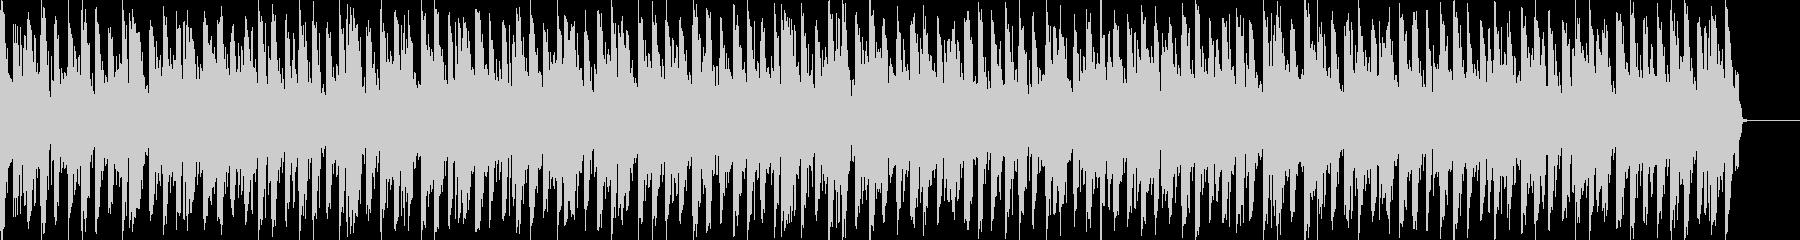 勢いのある煽りBGM  シンセ・4つ打ちの未再生の波形